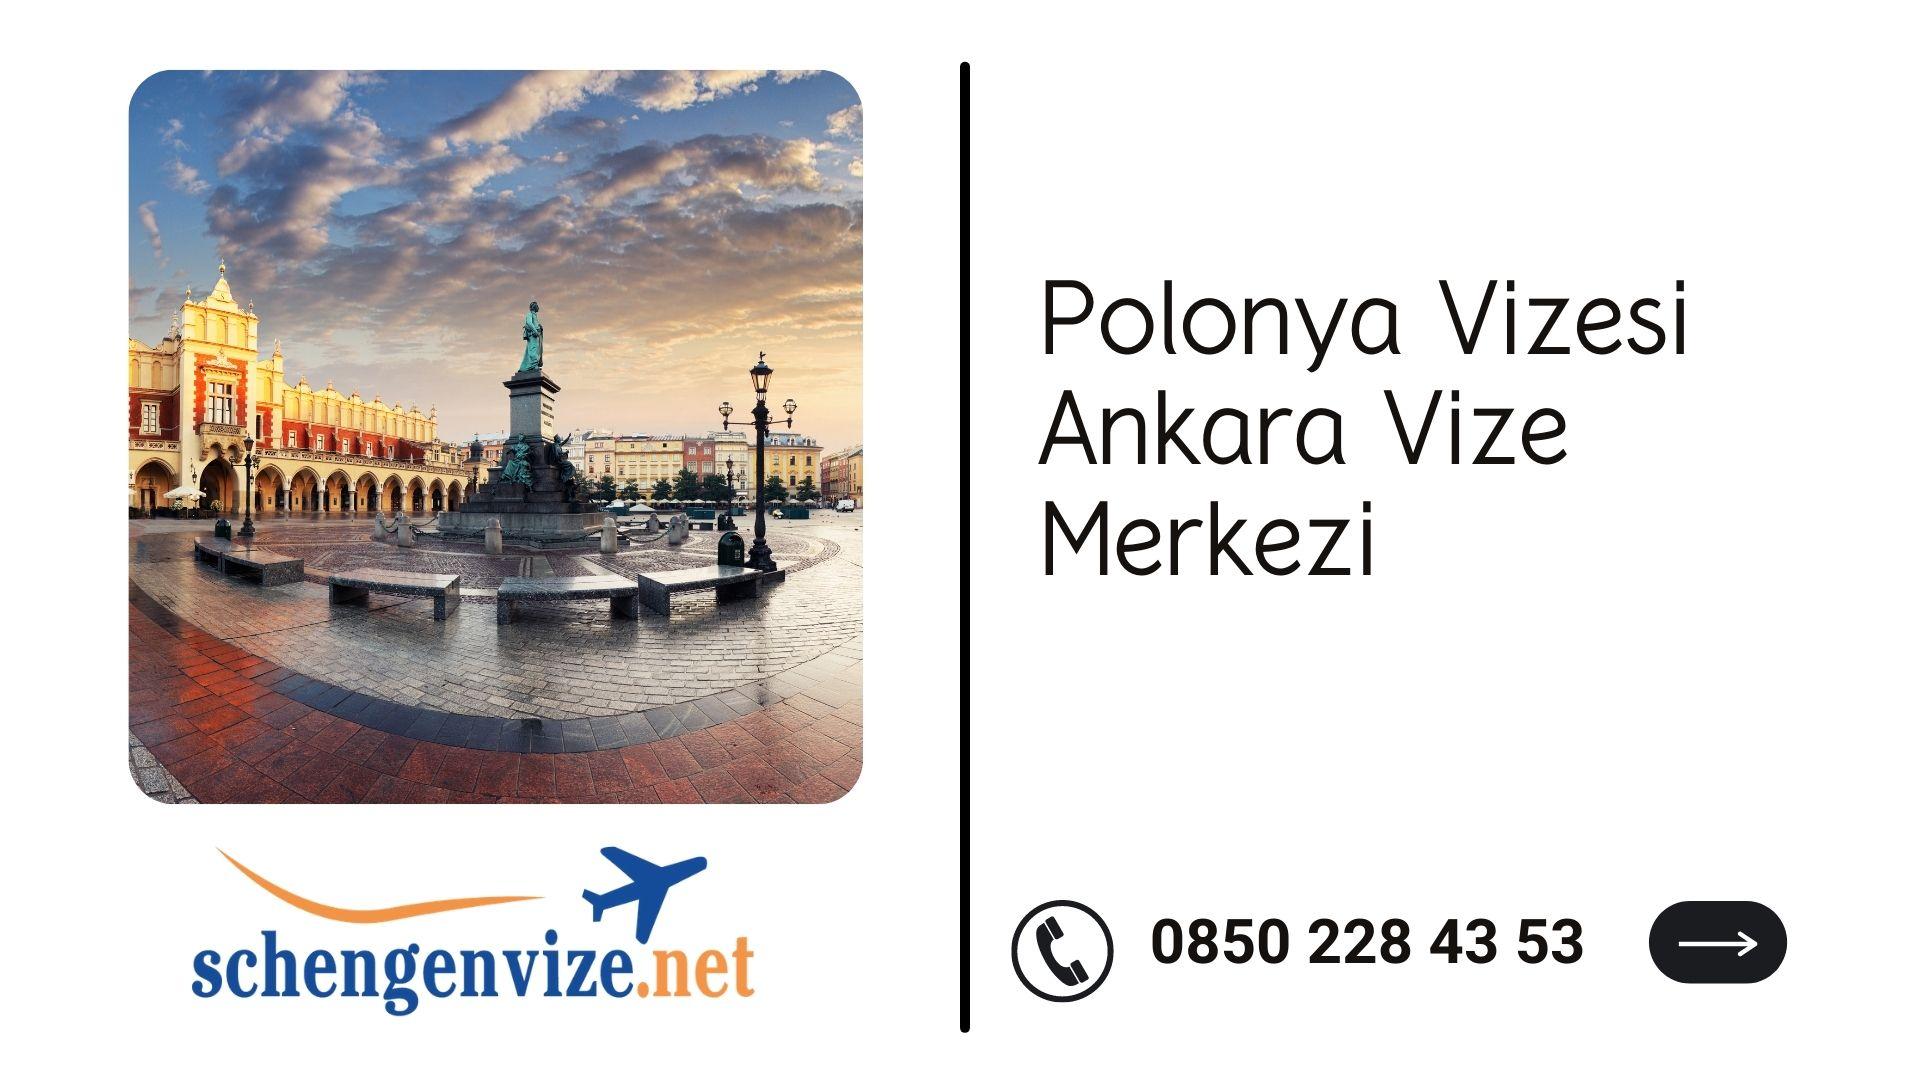 Polonya Vizesi Ankara Vize Merkezi